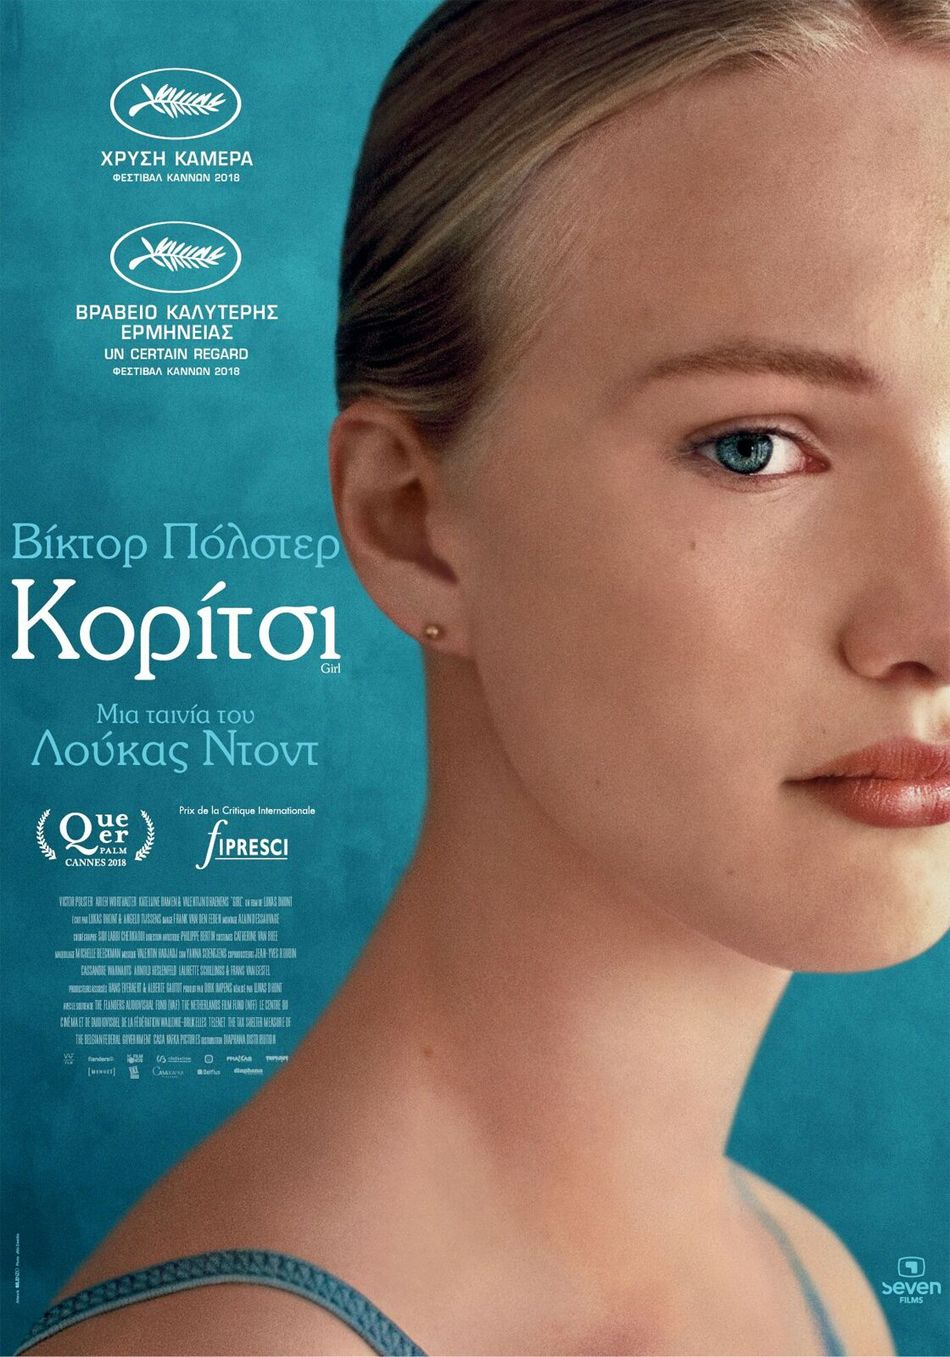 Κορίτσι (Girl) Poster Πόστερ